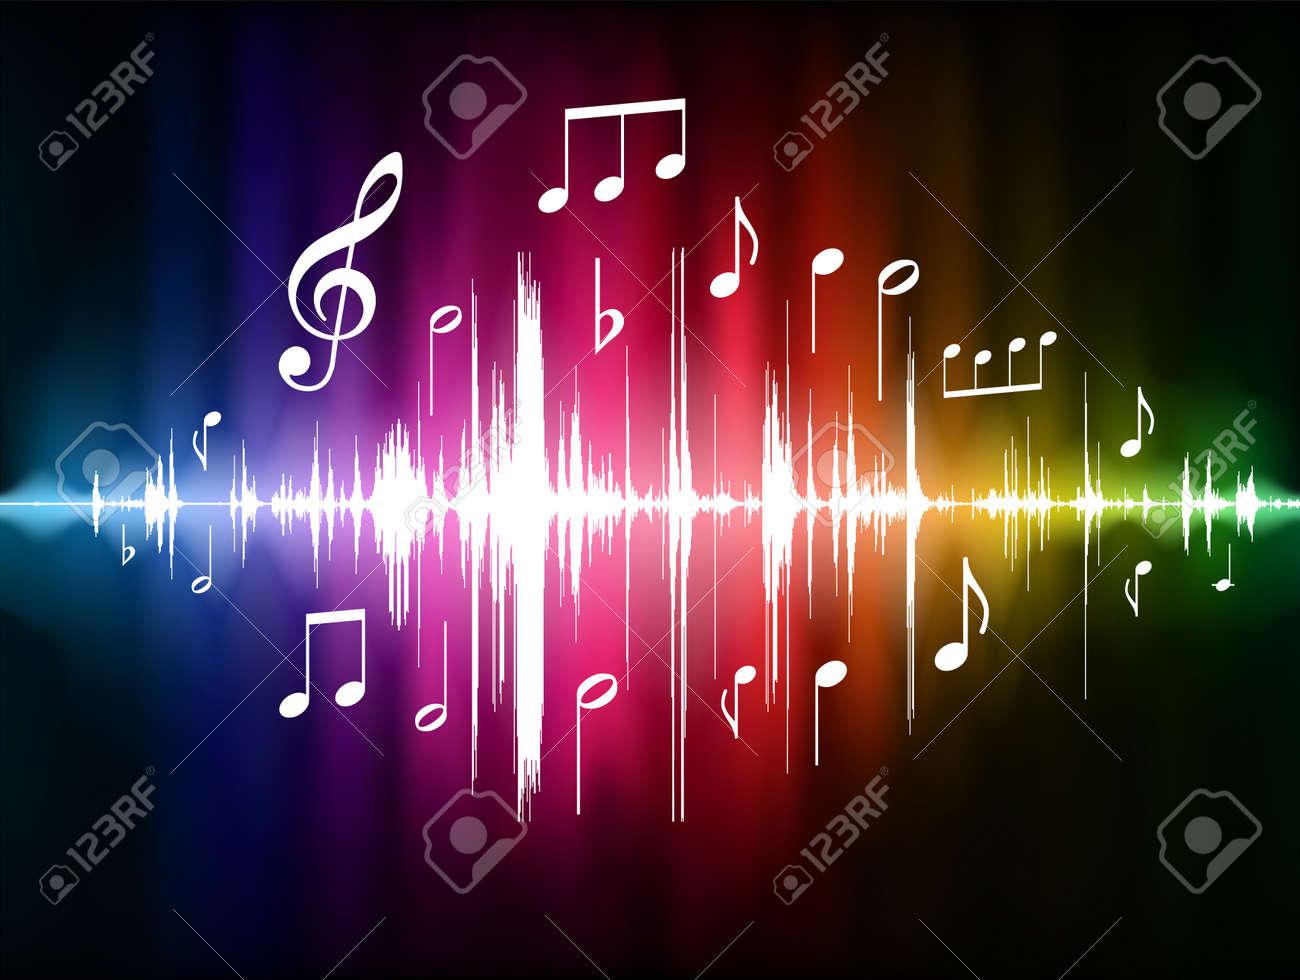 Connu Note De Musique Banque D'Images, Vecteurs Et Illustrations Libres  LC79